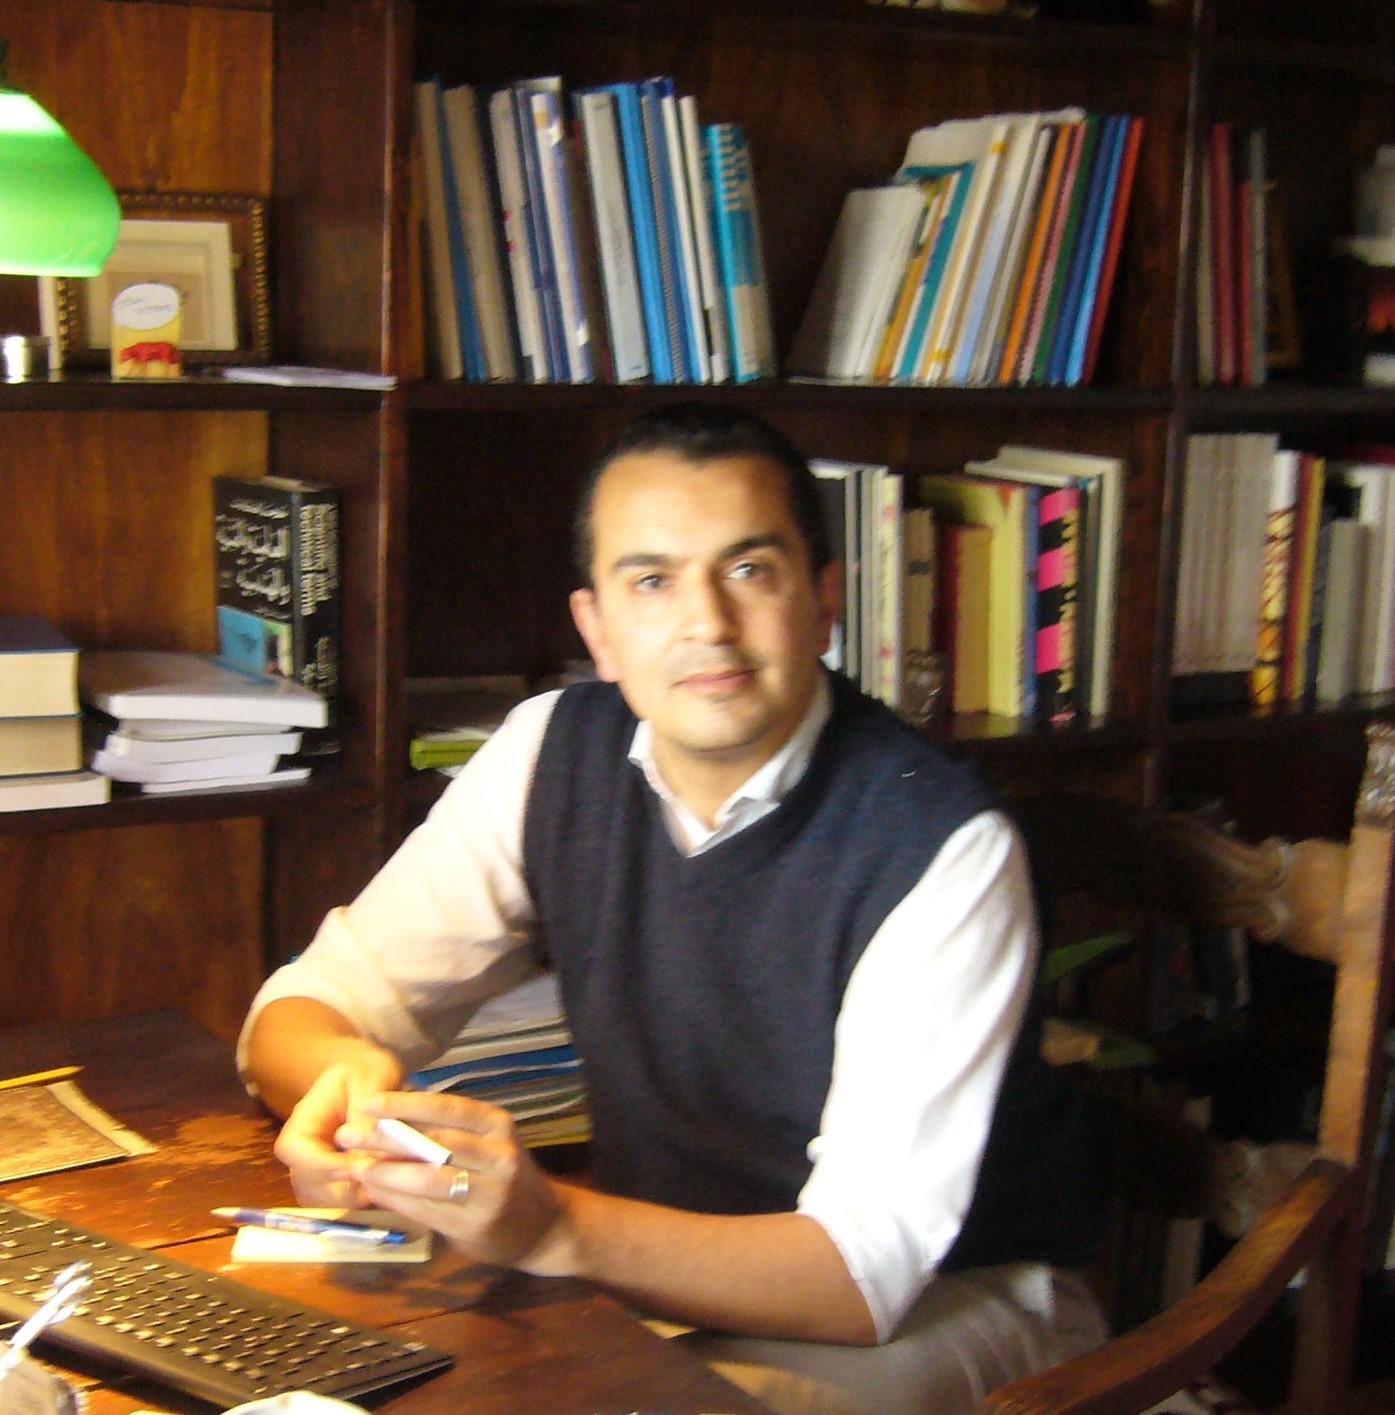 Jean-Pierre Cassarino